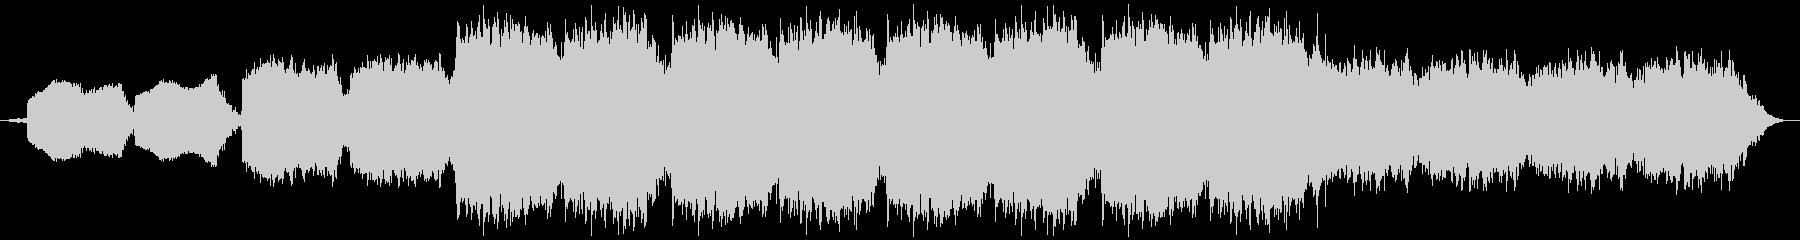 ホラーな歌声や呻きを用いたテクスチャーの未再生の波形